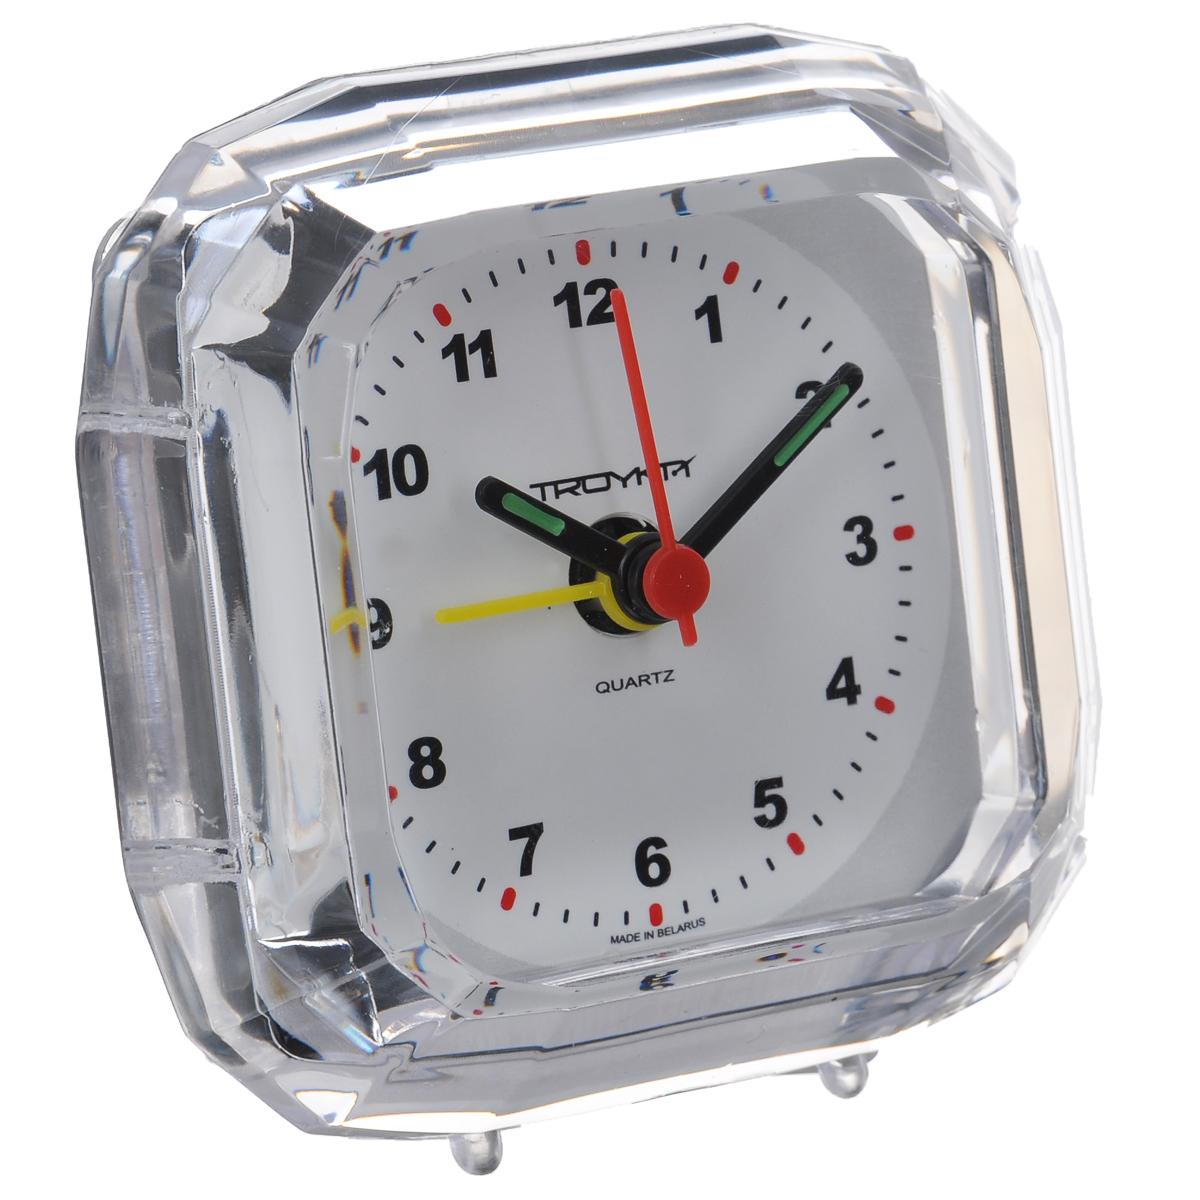 Будильник Troyka, цвет: прозрачный. 02.00802.008Будильник Troyka выполнен из стекла и пластика. Он поможет вам просыпаться по утрам и никуда не опаздывать. На задней панели будильника расположены переключатель включения/выключения механизма и два колесика для настройки текущего времени и времени звонка будильника. Будильник работает от 1 батарейки типа AA (не входит в комплект).